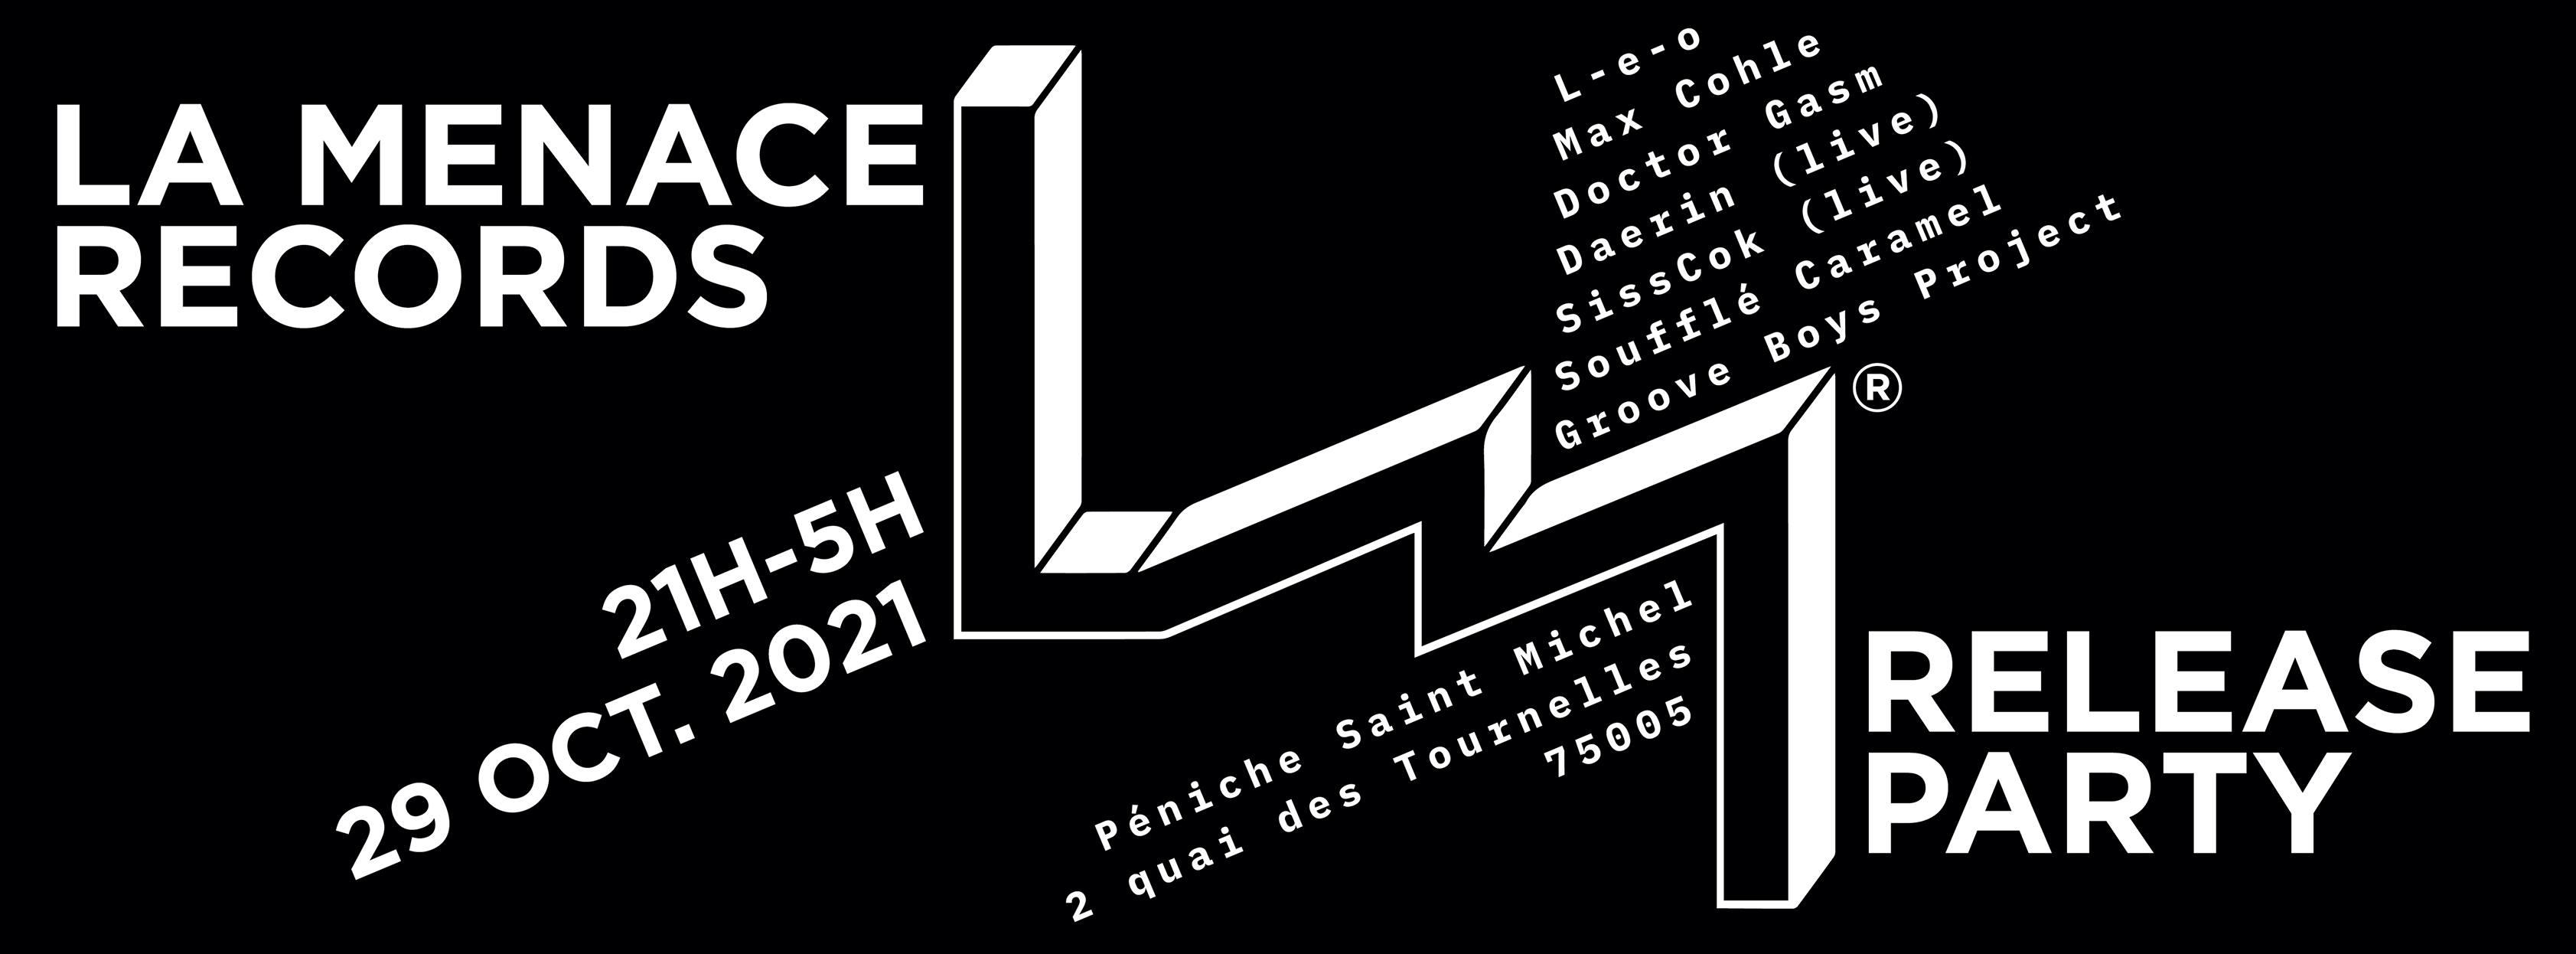 La Menace Records - Release Party